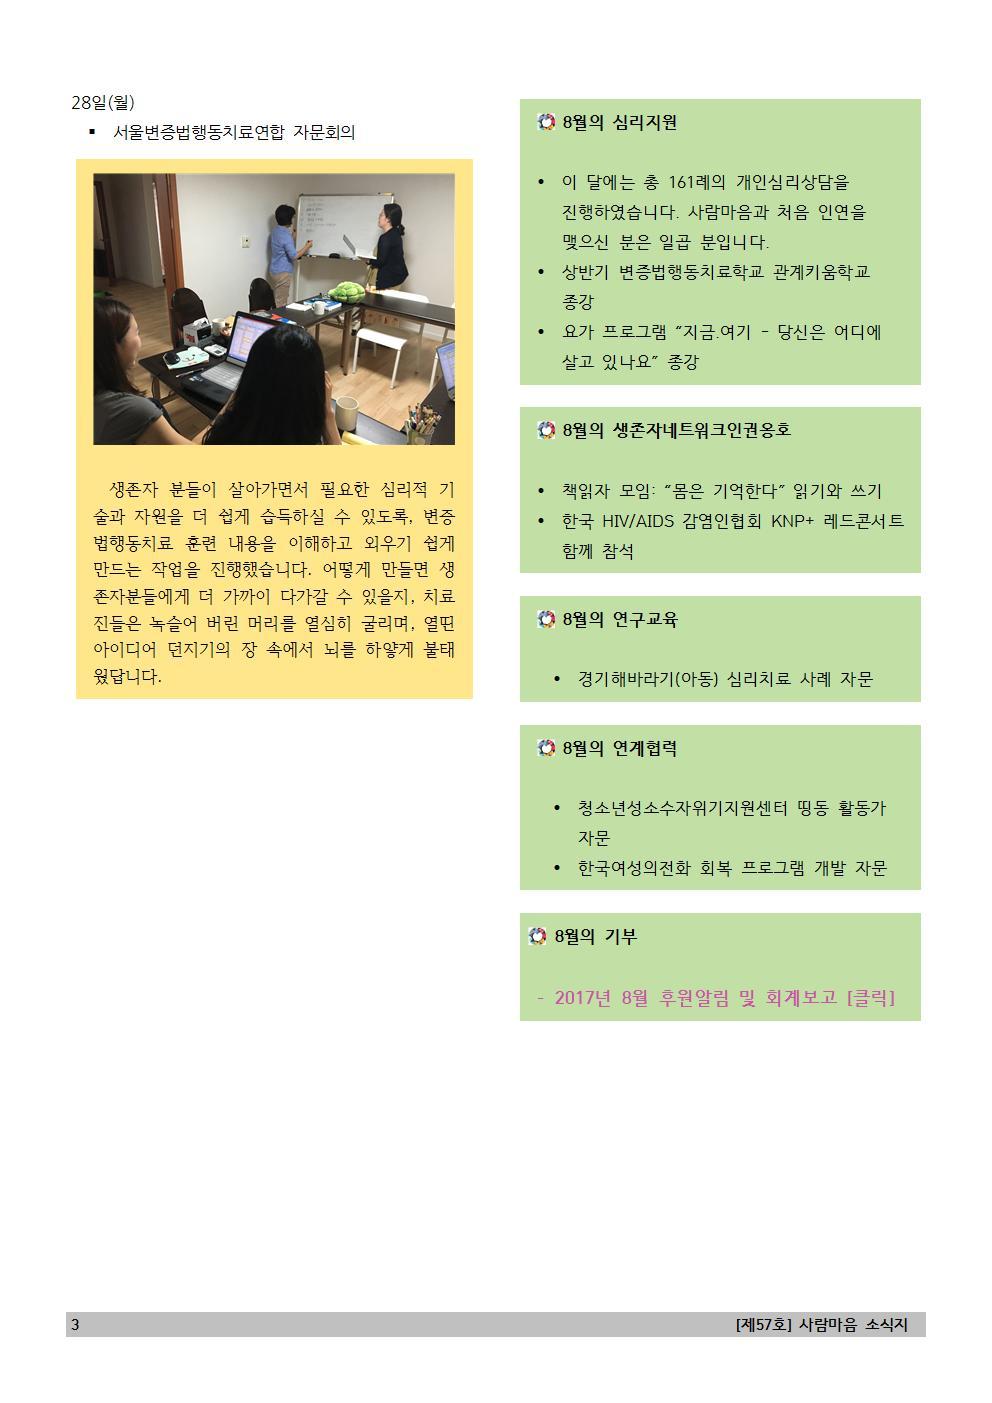 201709_제57호_사람마음_소식지004.jpg